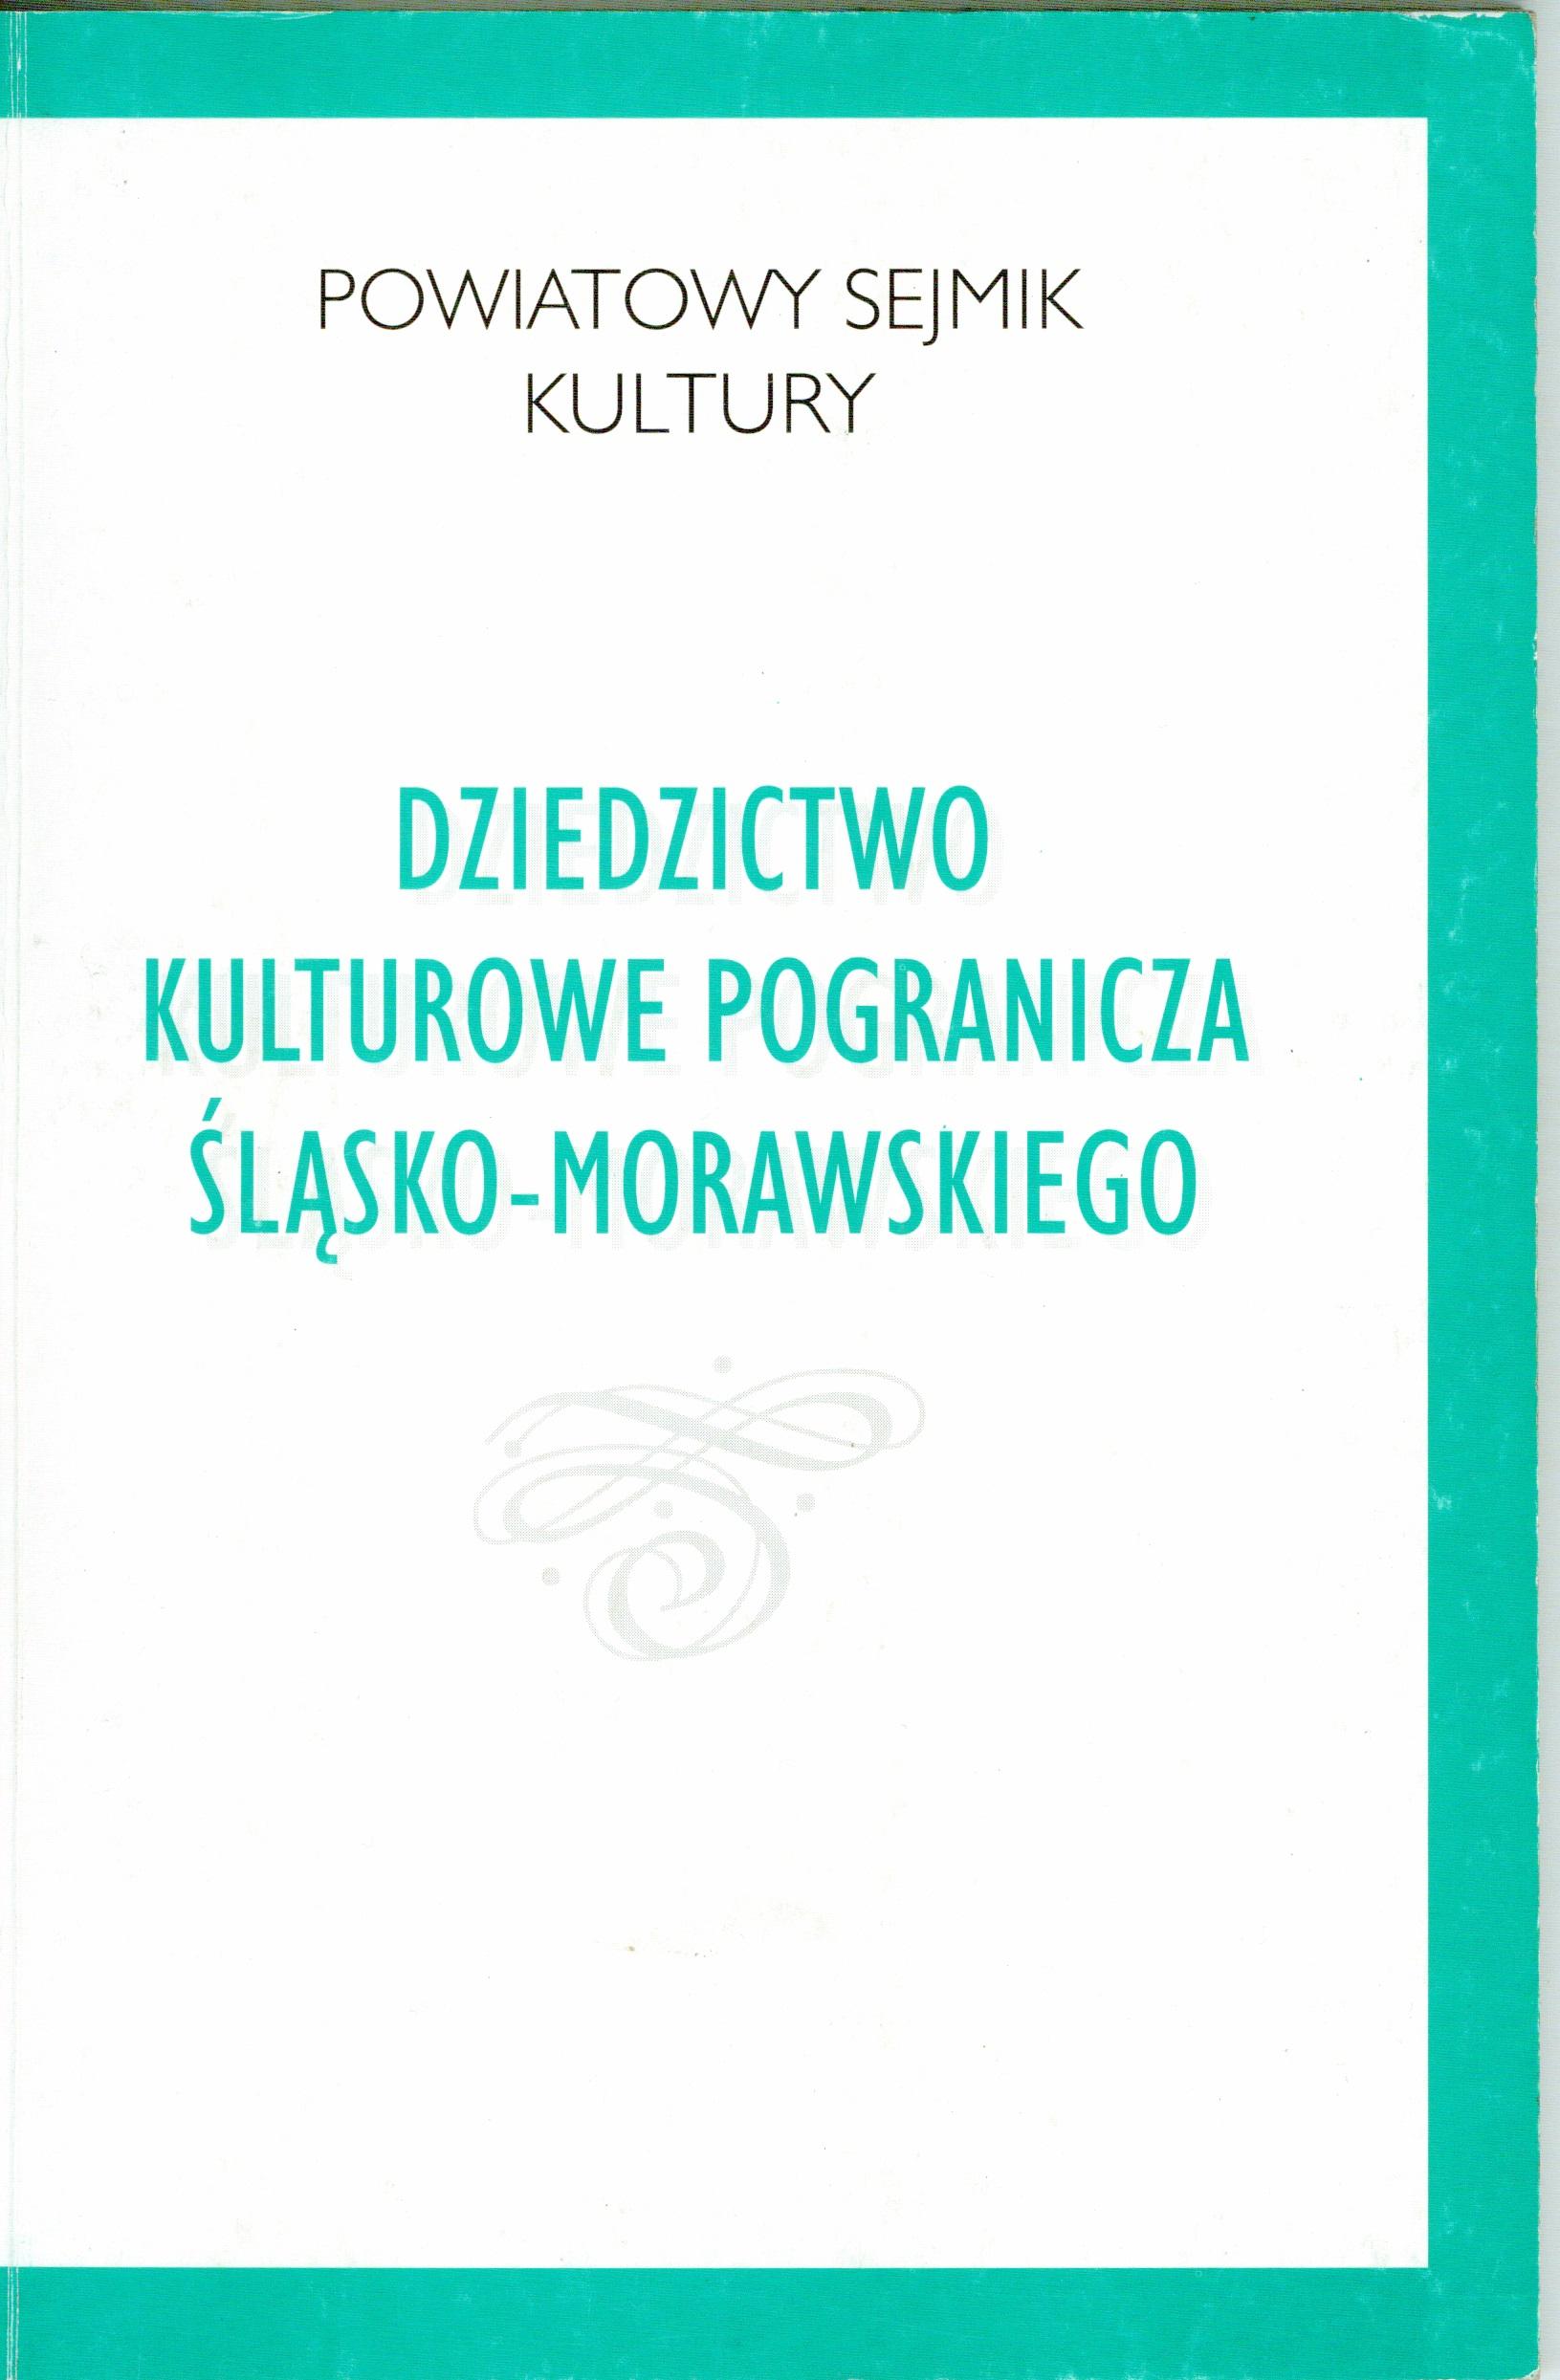 Dziecictwo kulturowe pogranicza śląsko-morawskiego